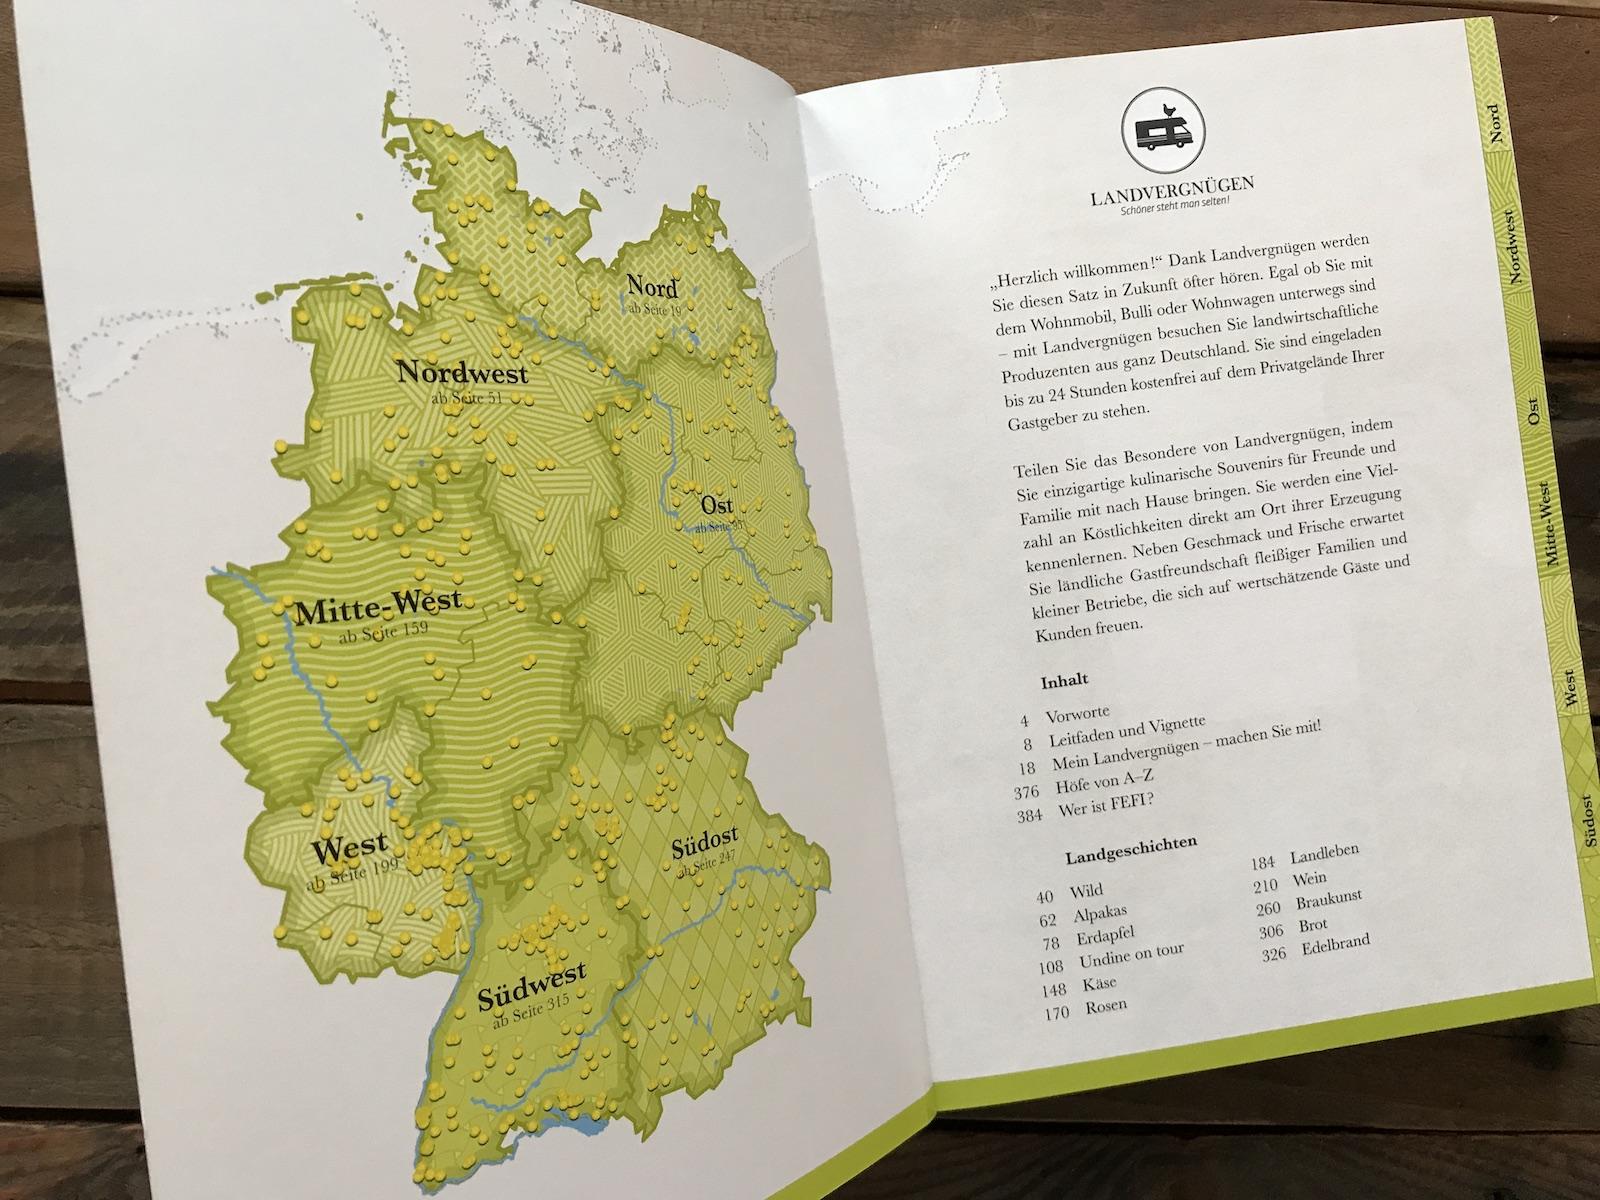 Landvergnügen Stellplatzführer Übersichtskarte